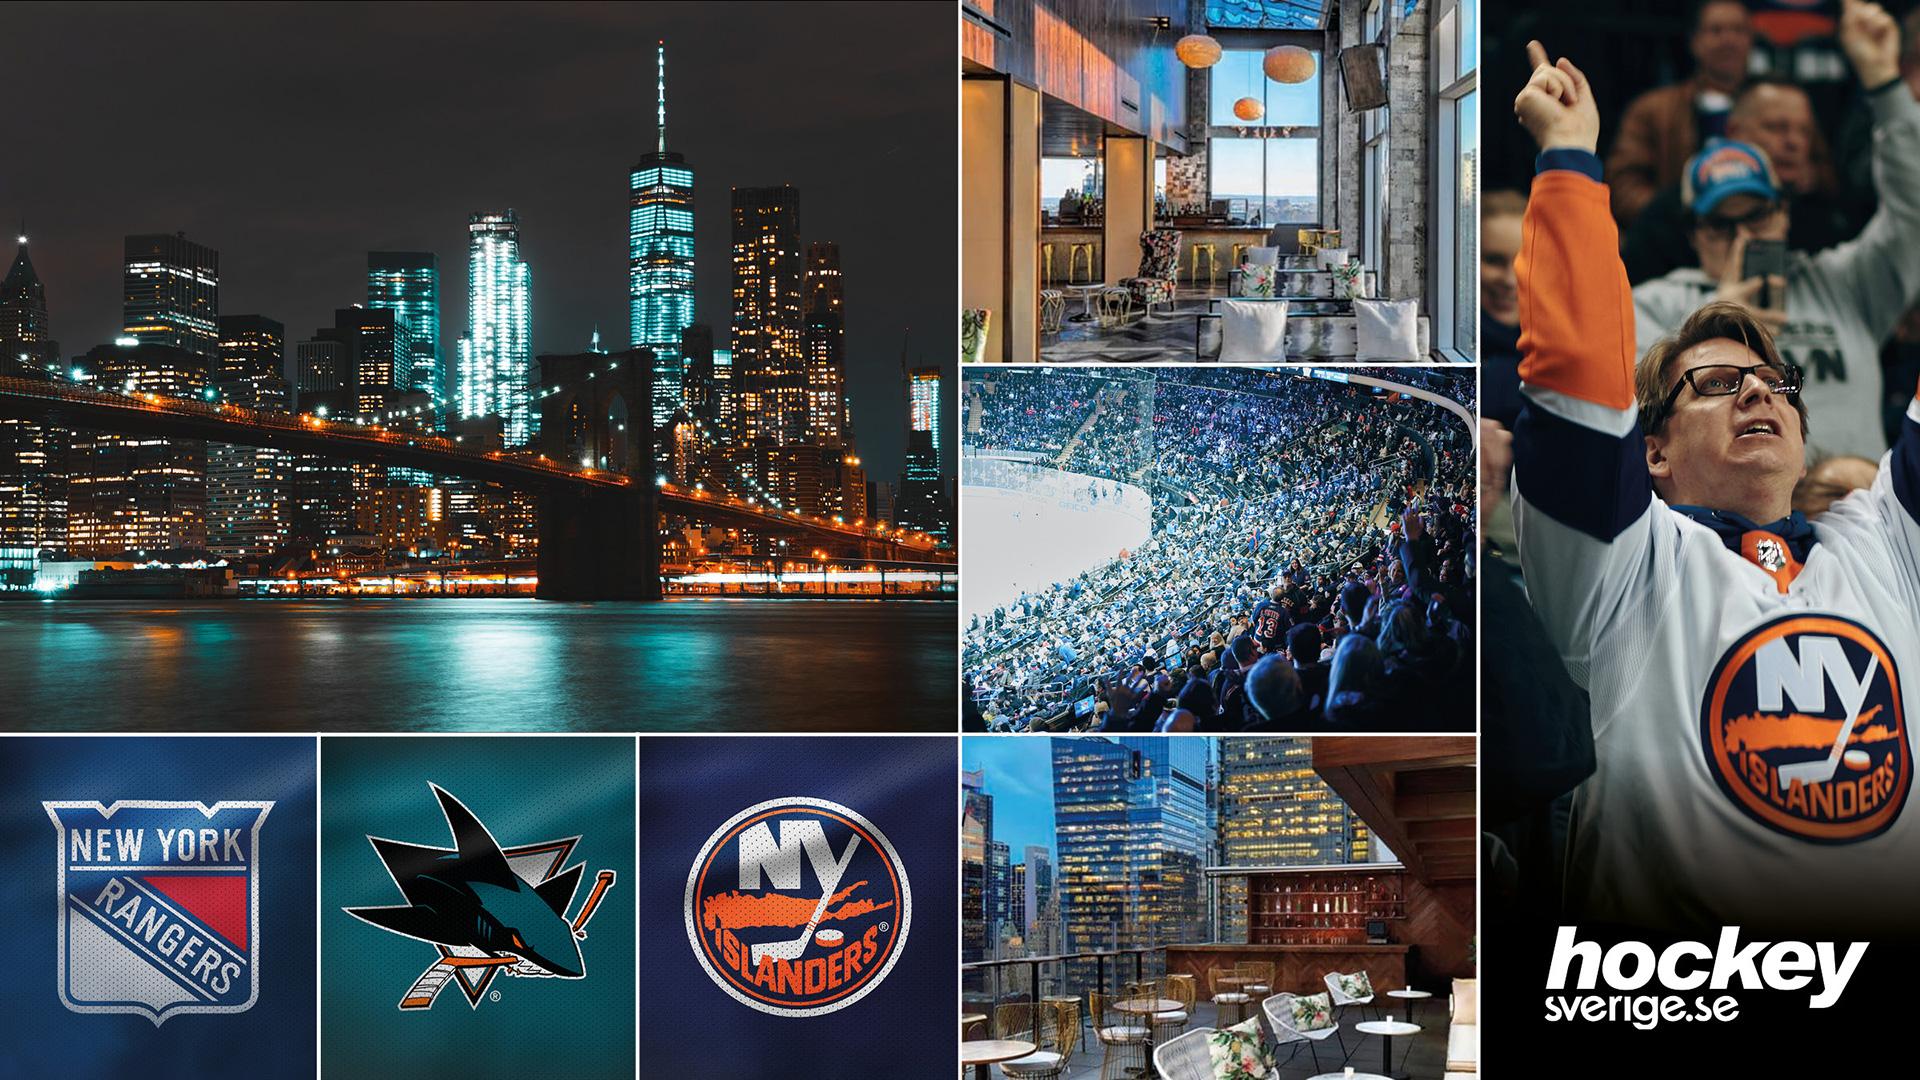 NHL-resa New York21-27 februari 2020 - Två matcher från NHL, betalda upplevelser och boende nära Times Square är en del av den här hockeyresan till New York tillsammans med Hockeysverige. Rangers-Sharks samt New York-derbyt Rangers-Islanders.